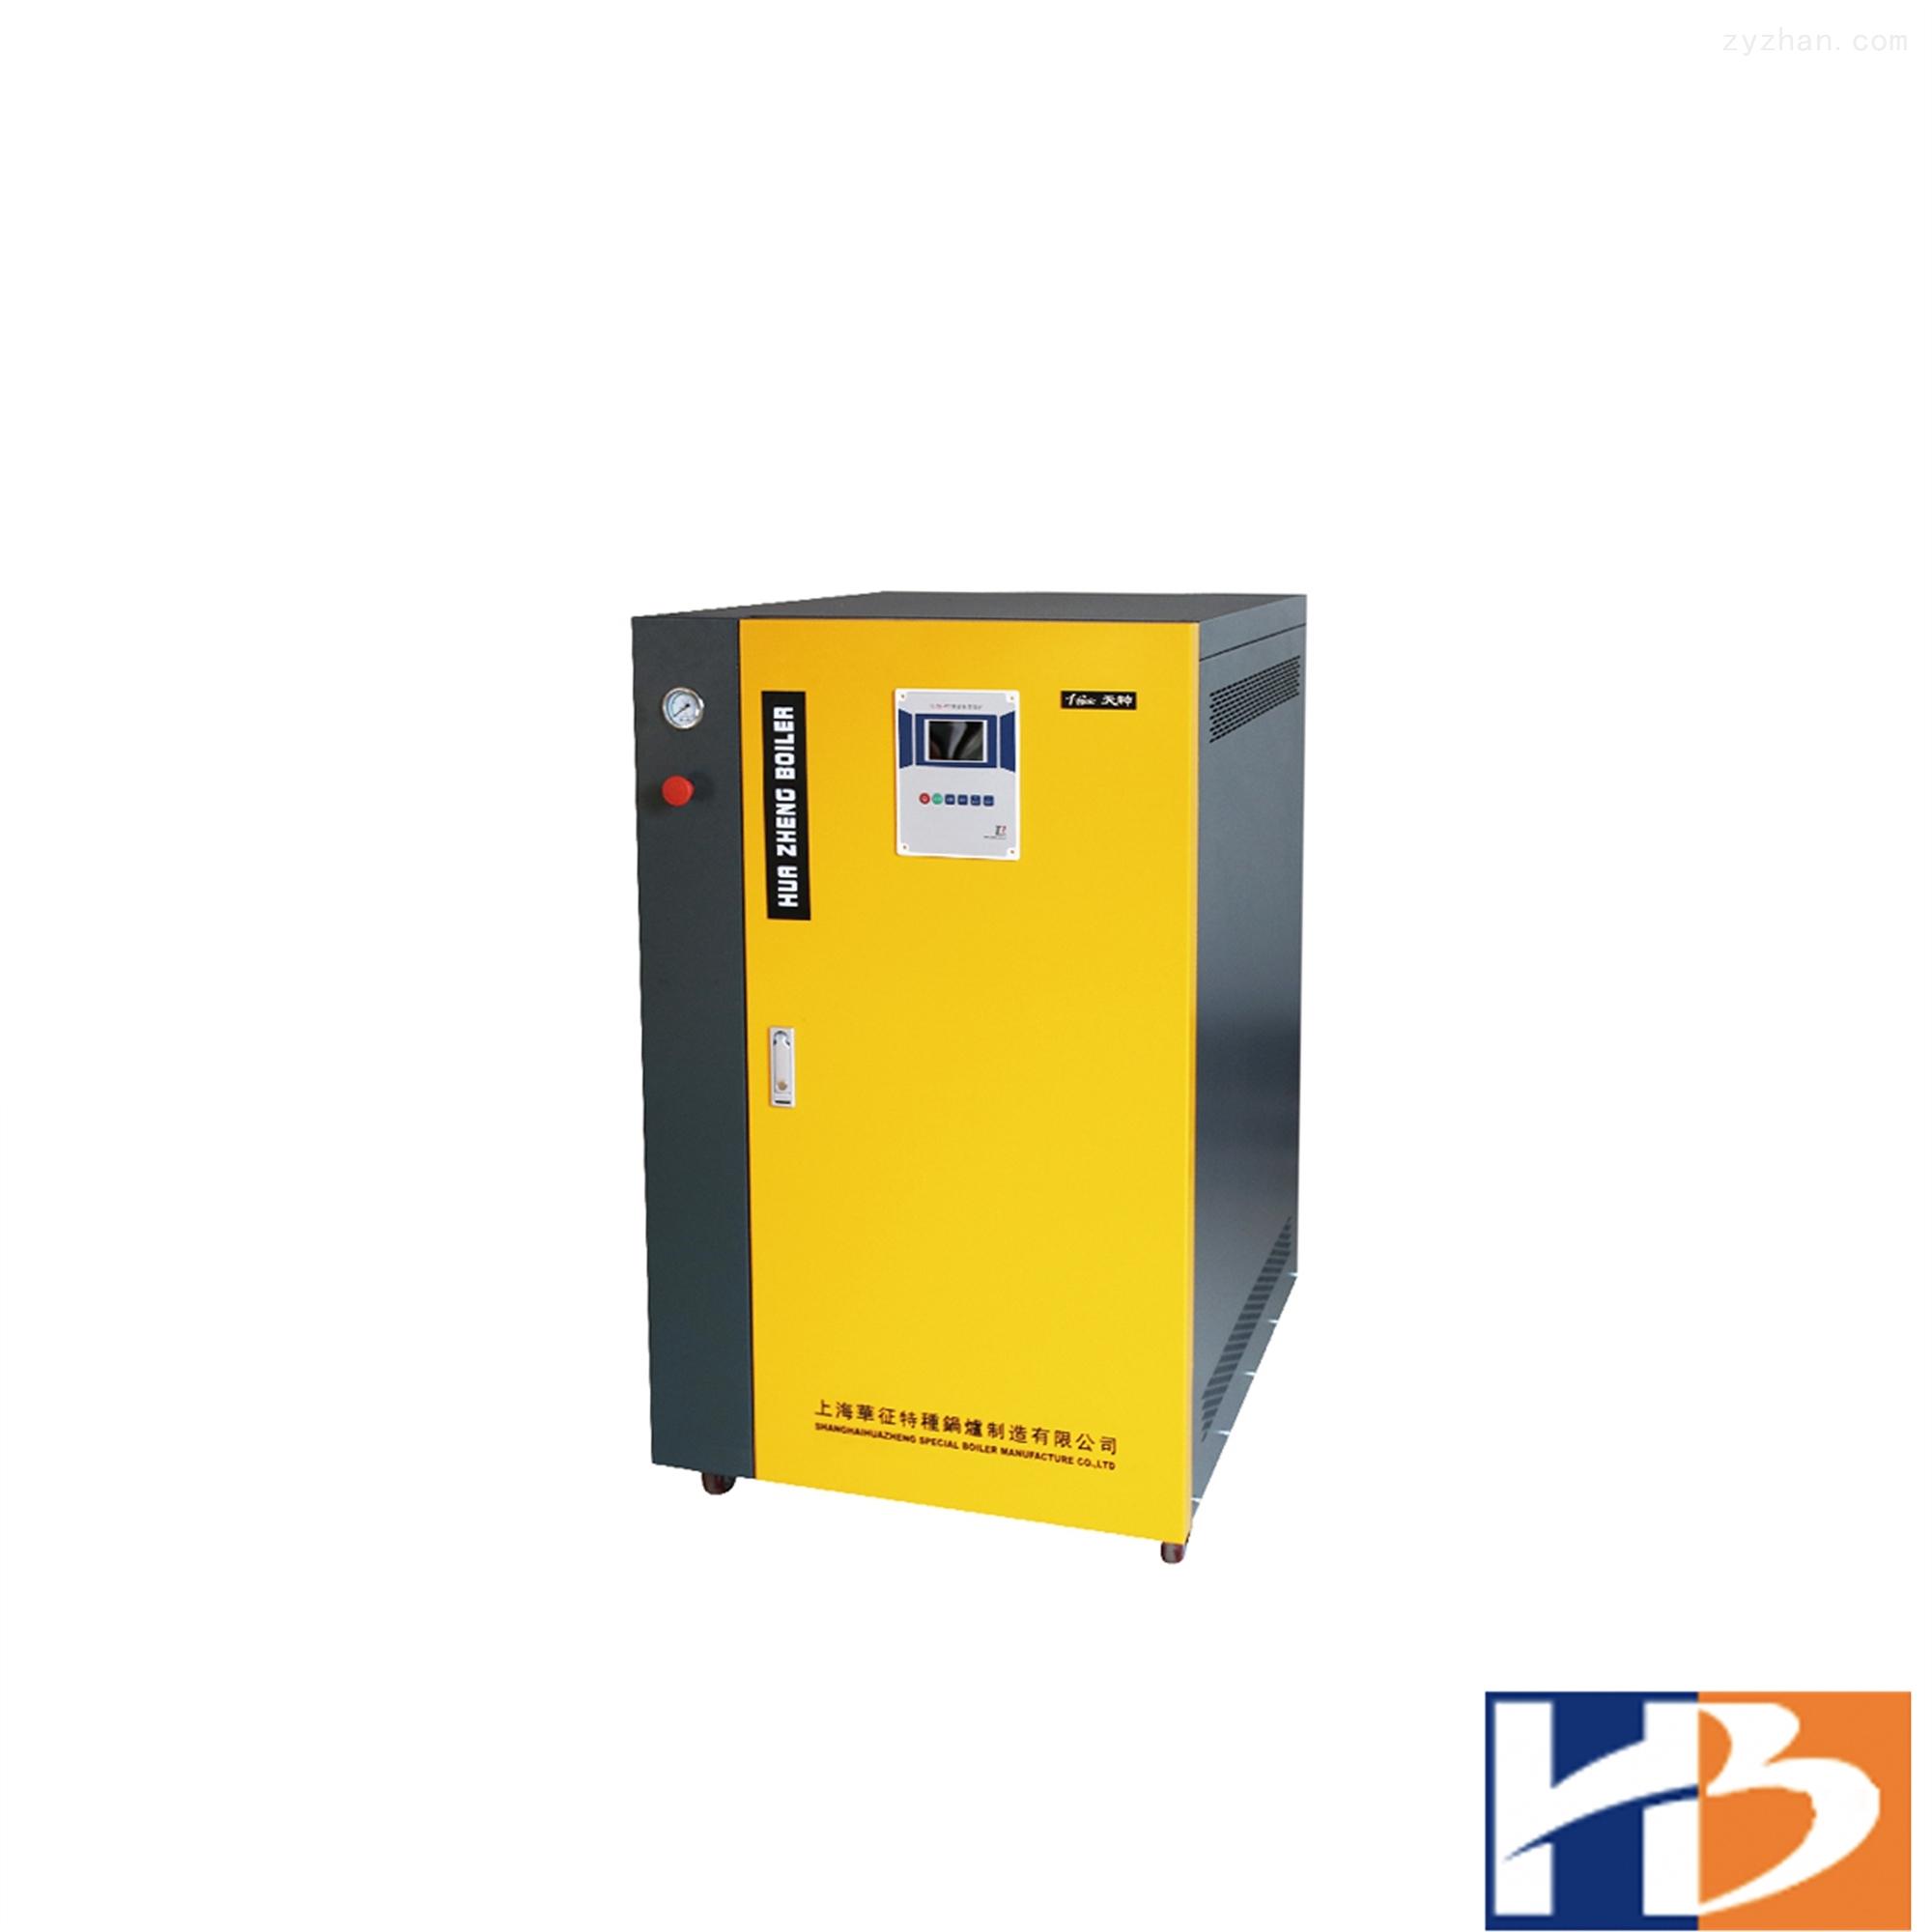 供应全自动电锅炉(蒸汽发生器)。